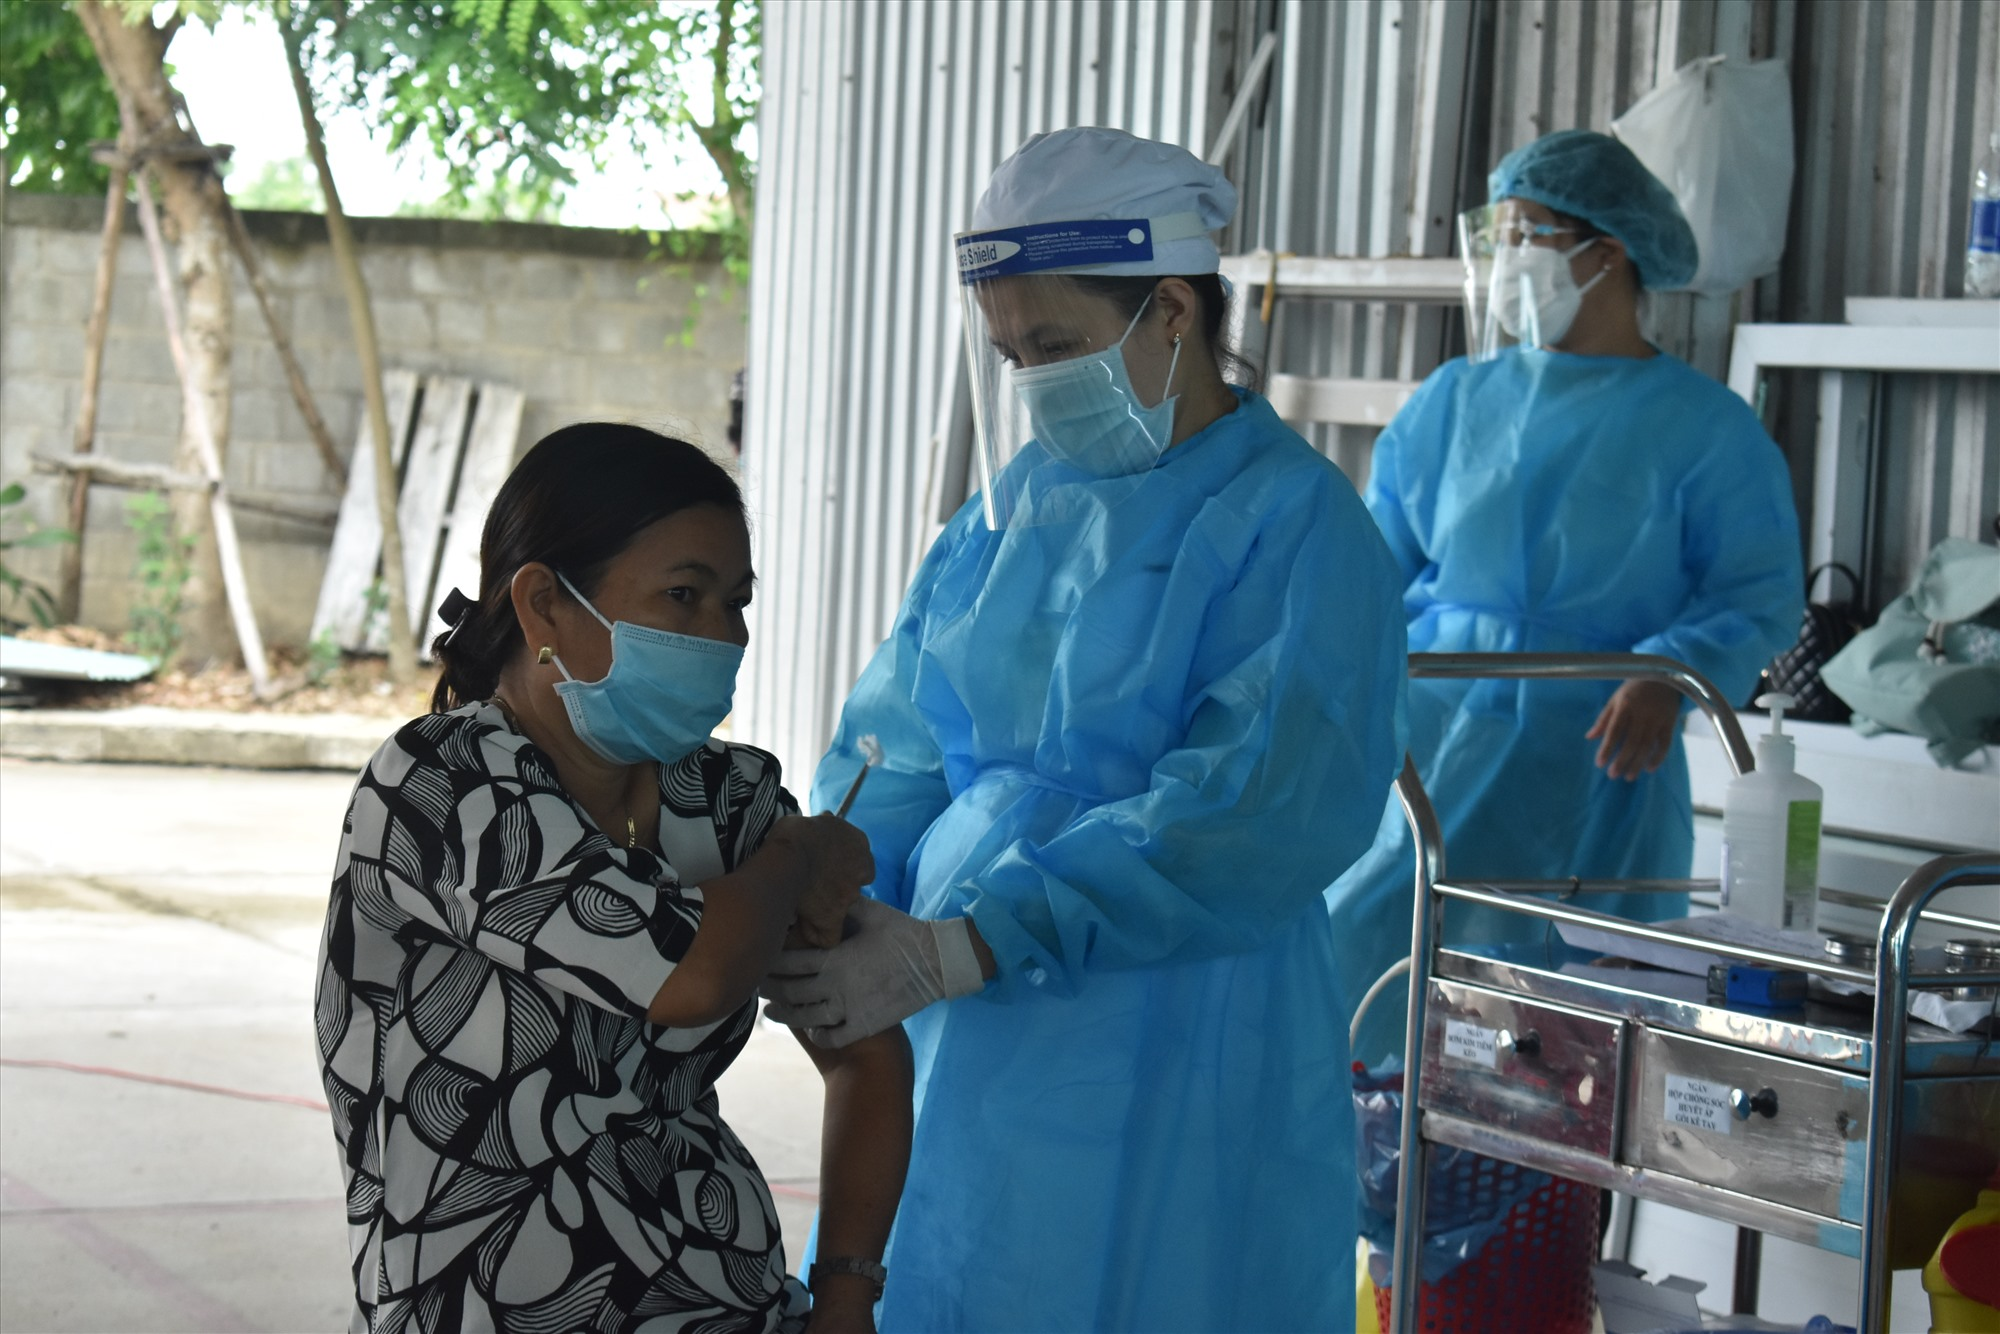 Việc tiêm vắc xin ngừa Covid-19 cho giáo viên mẫu giáo cũng sẽ giúp bảo vệ sức khỏe cho học sinh